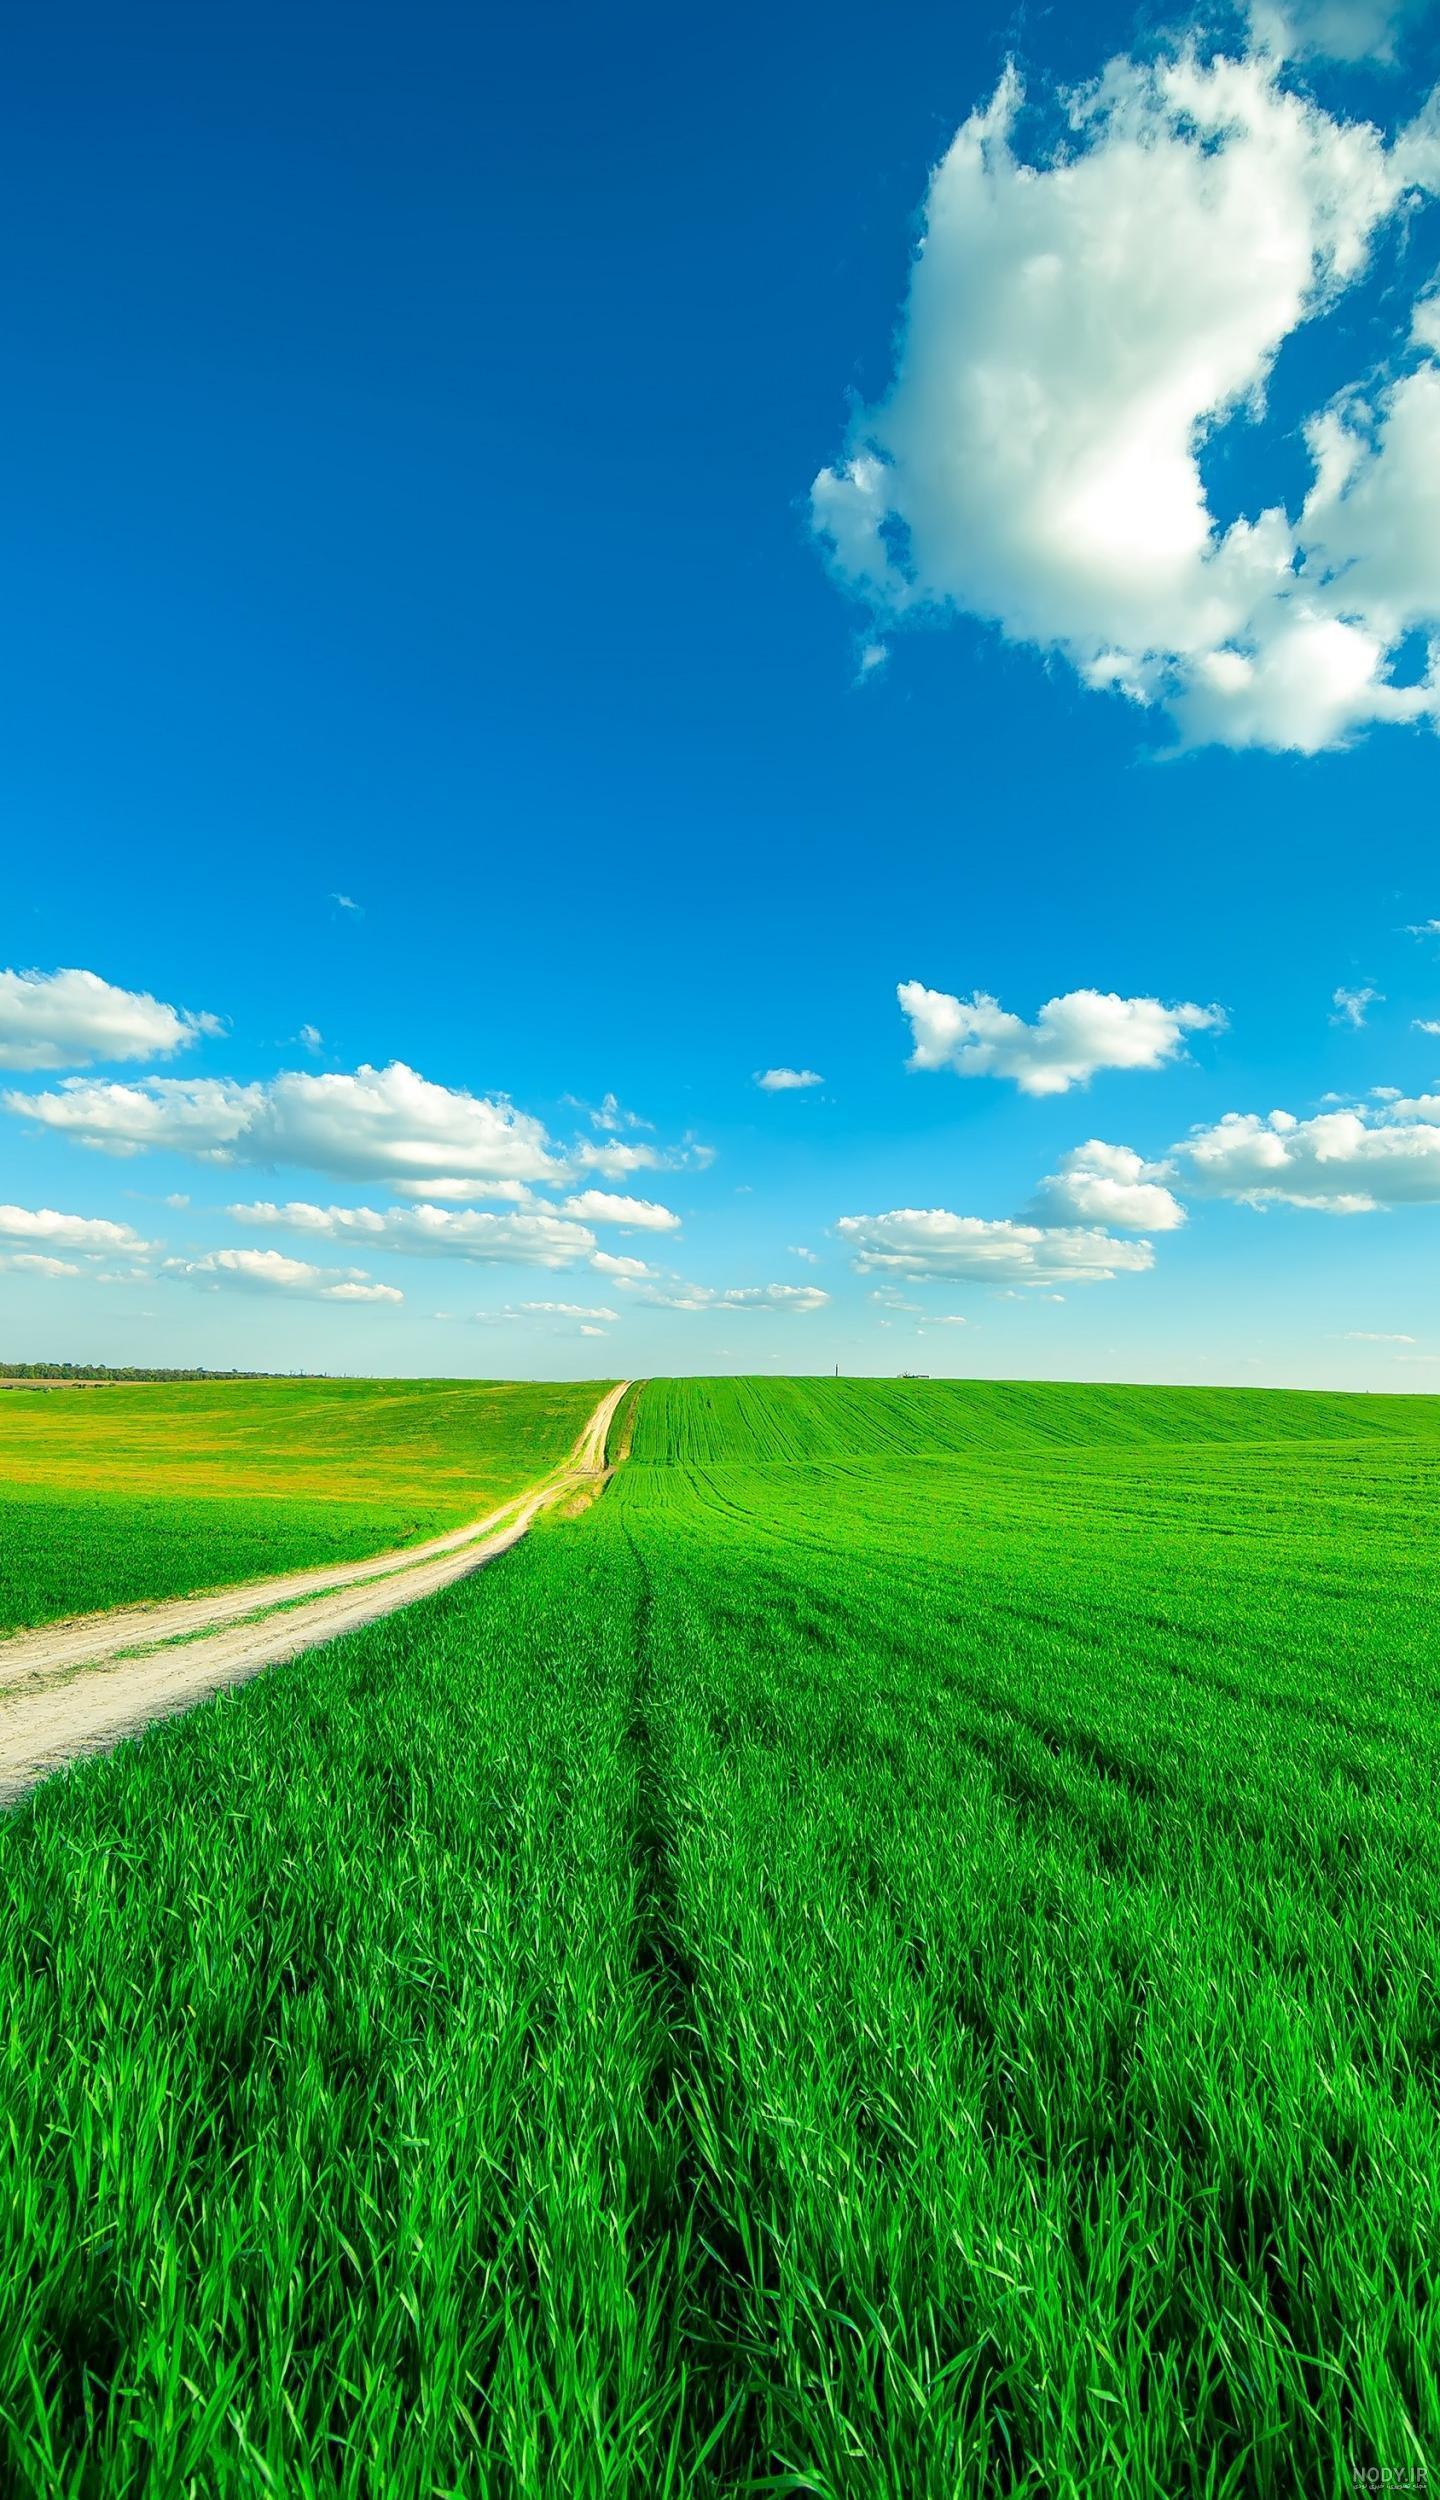 عکس پس زمینه طبیعت سبز